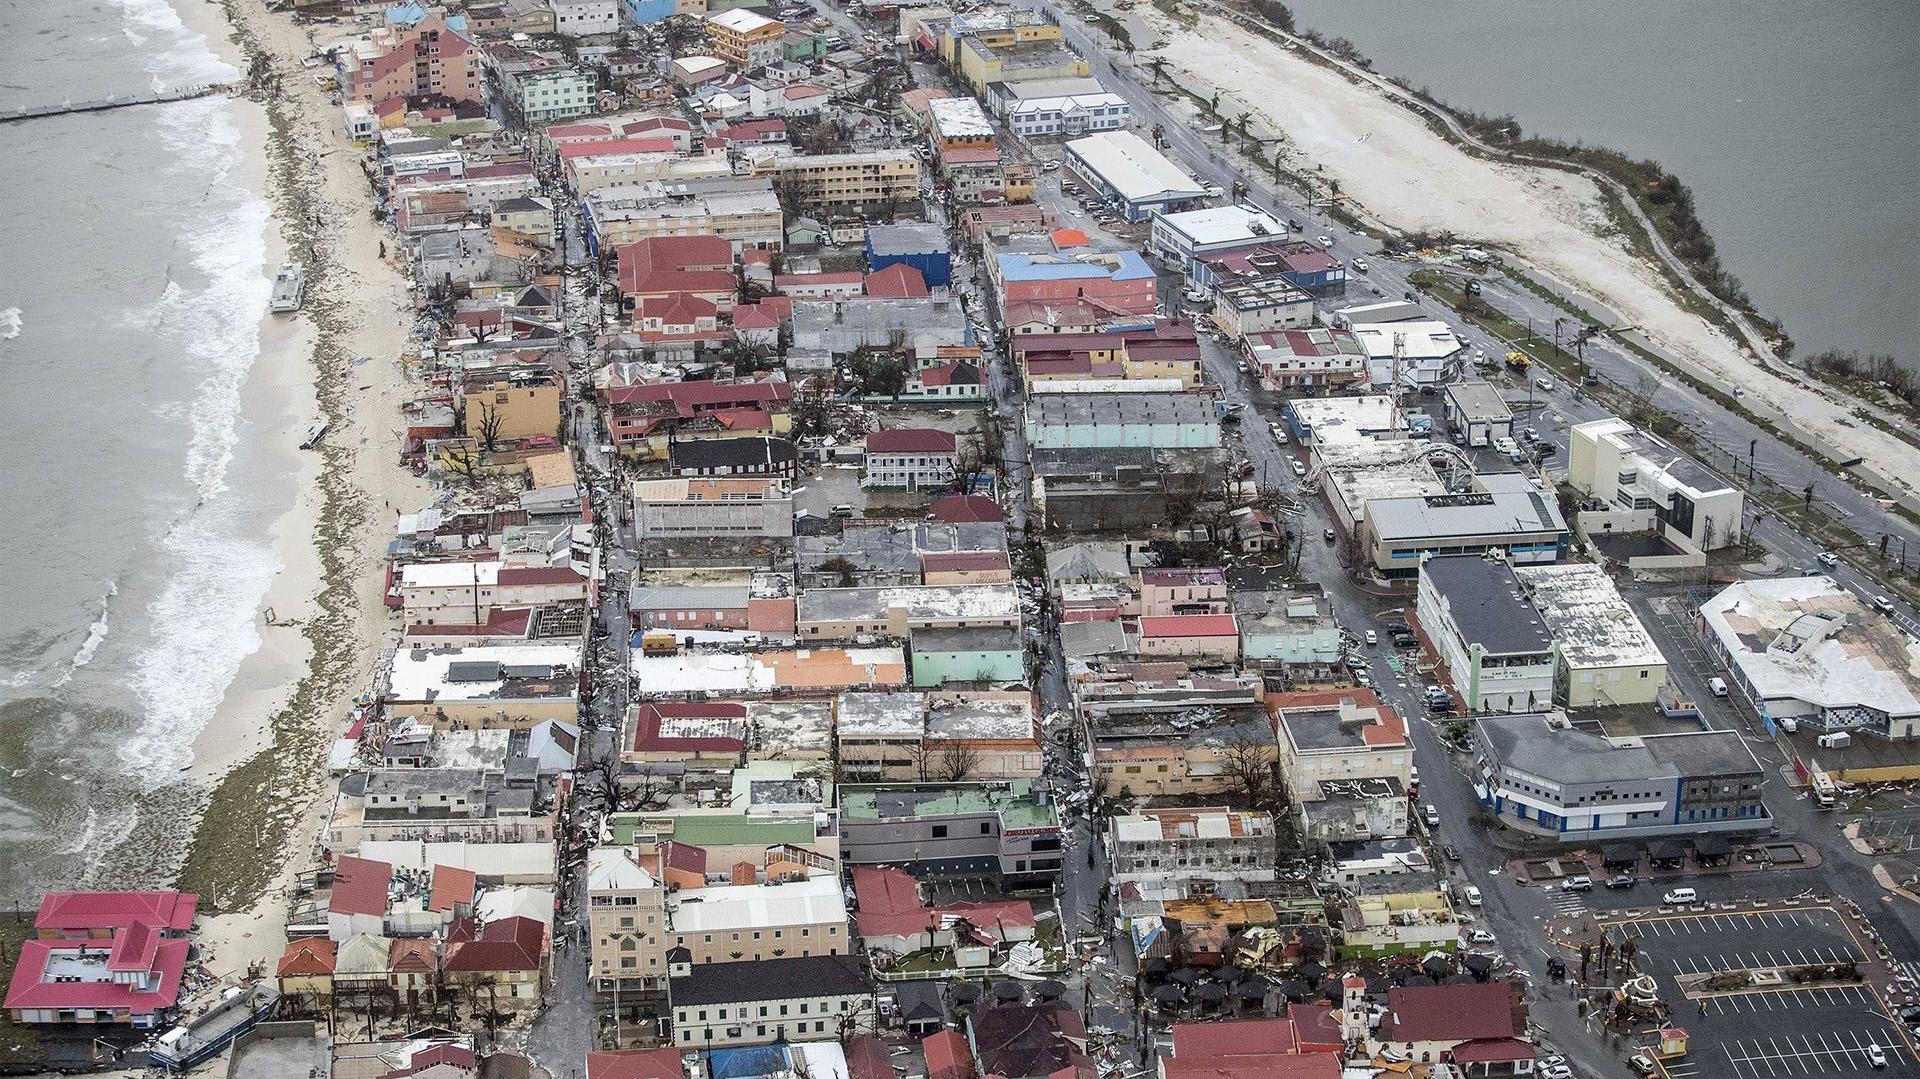 Fotografía facilitada por el Departamento de Defensa de Holanda que muestra una vista aérea de los daños causados por el huracán Irma a su paso por Philipsburg, en la isla de San Martín (EFE)